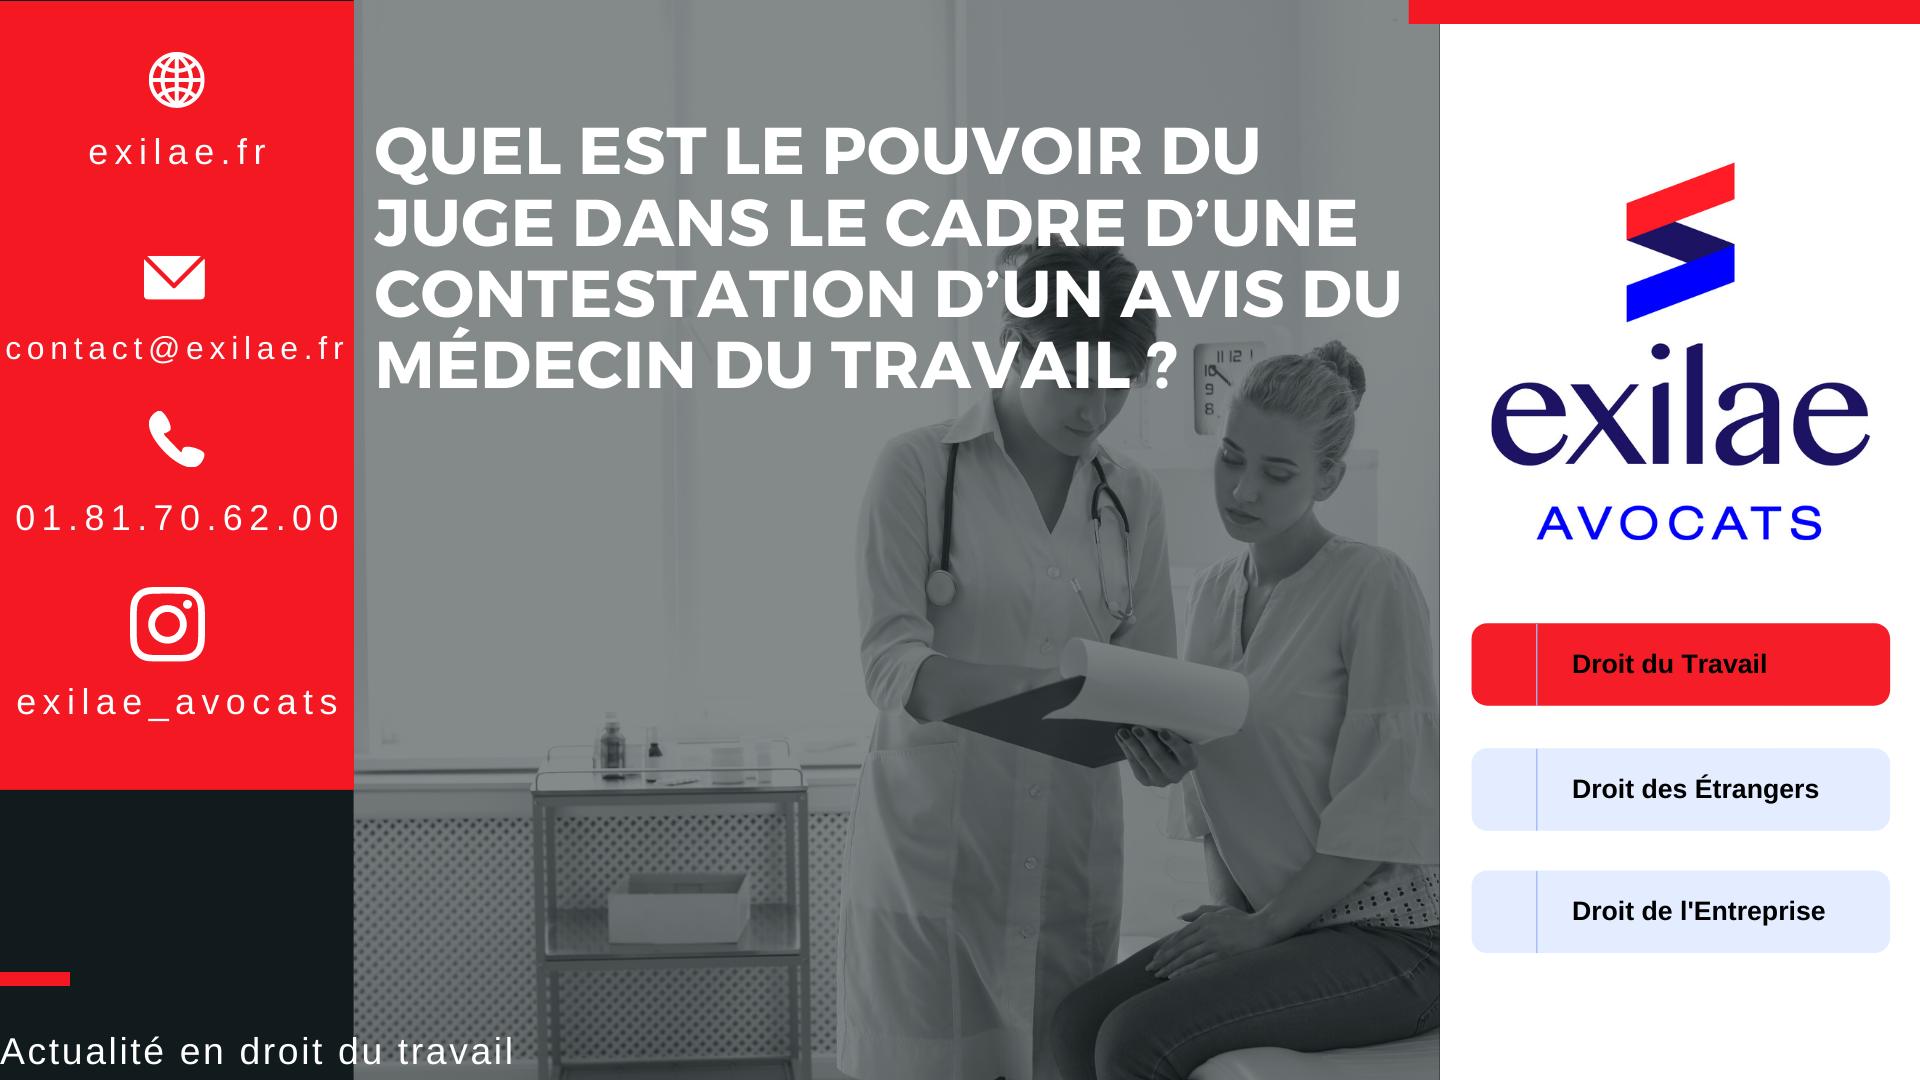 Quel est le pouvoir du juge dans le cadre d'une contestation d'un avis du médecin du travail ?